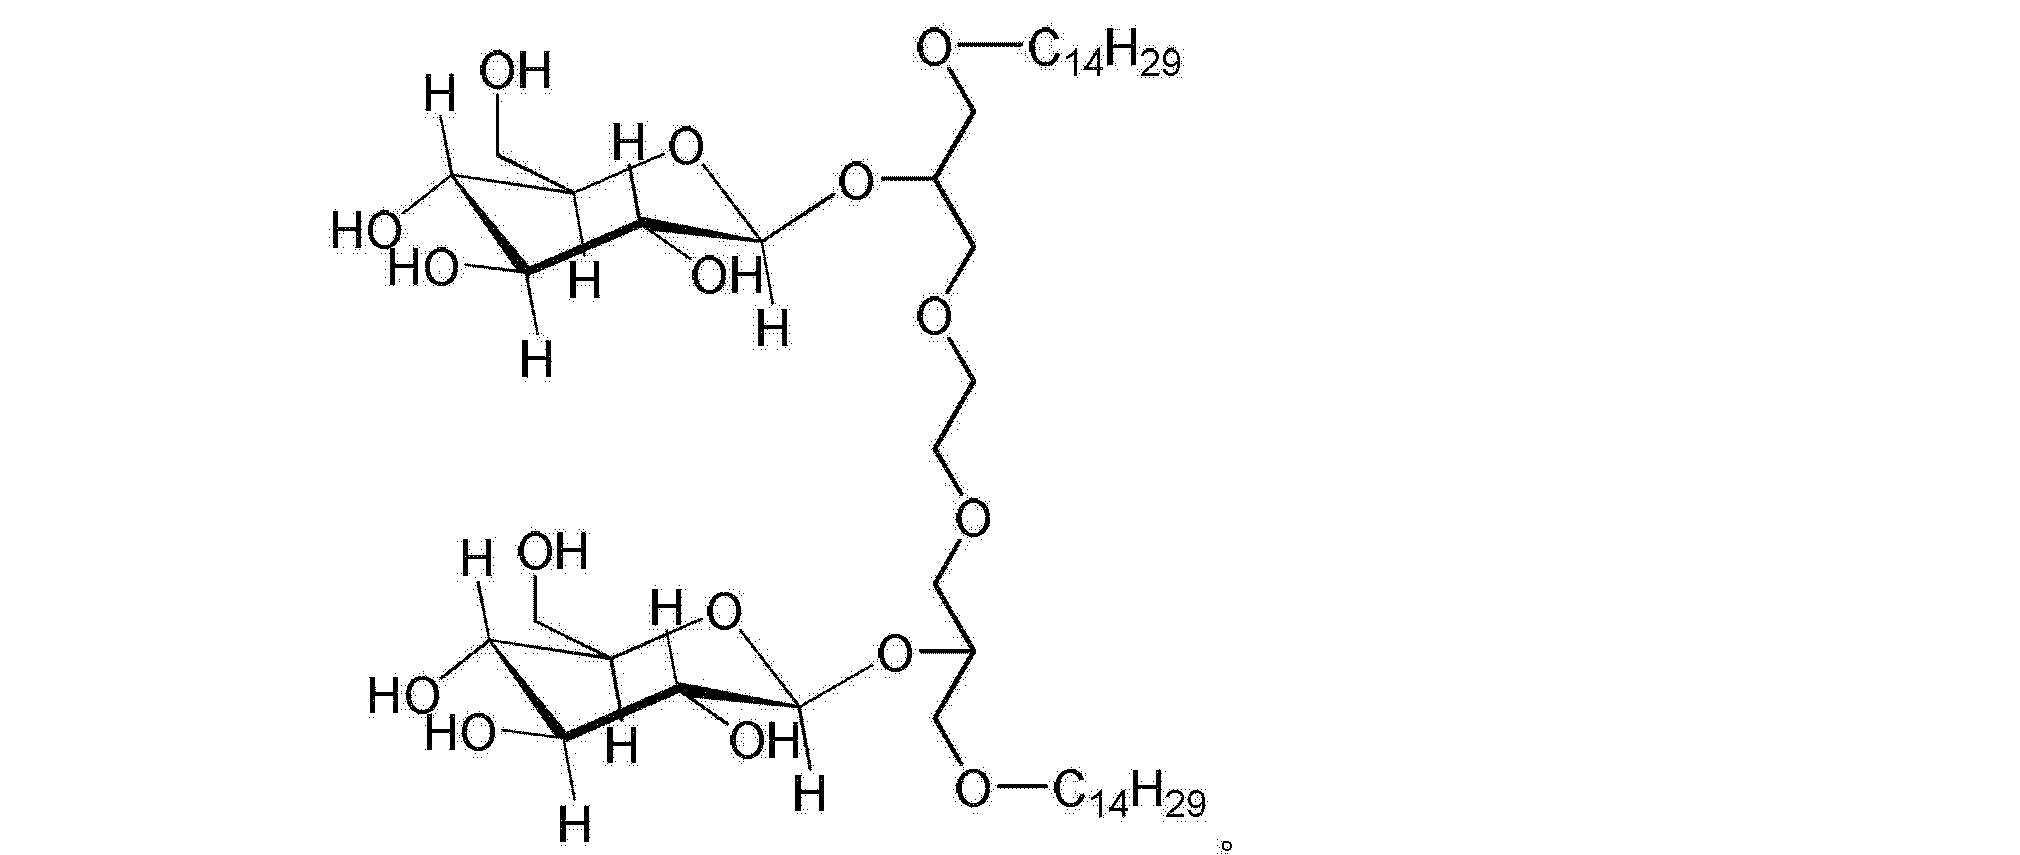 [0019] 上述制备方法中,所述的四乙酰葡萄糖三氯乙酰亚胺酯的加入的摩尔量需要大于或等于十四醇双子链的加入的摩尔量的两倍,作为优选,所述的十四醇双子链与四乙酰葡萄糖三氯乙酰亚胺酯的物质的量的比例为I : 2-10。 [0020] 上述制备方法中,所述的催化剂为常用的有机酸,加入的量为催化量,实验表明,催化效果的较好的有机酸为三氟化硼乙醚、三氟甲磺酸三甲基硅脂中的一种或两种。 [0021] 所述的有机溶剂I为对十四醇双子链、四乙酰葡萄糖三氯乙酰亚胺酯溶解性较好的非质子性有机溶剂,一般选择二氯甲烷、三氯甲